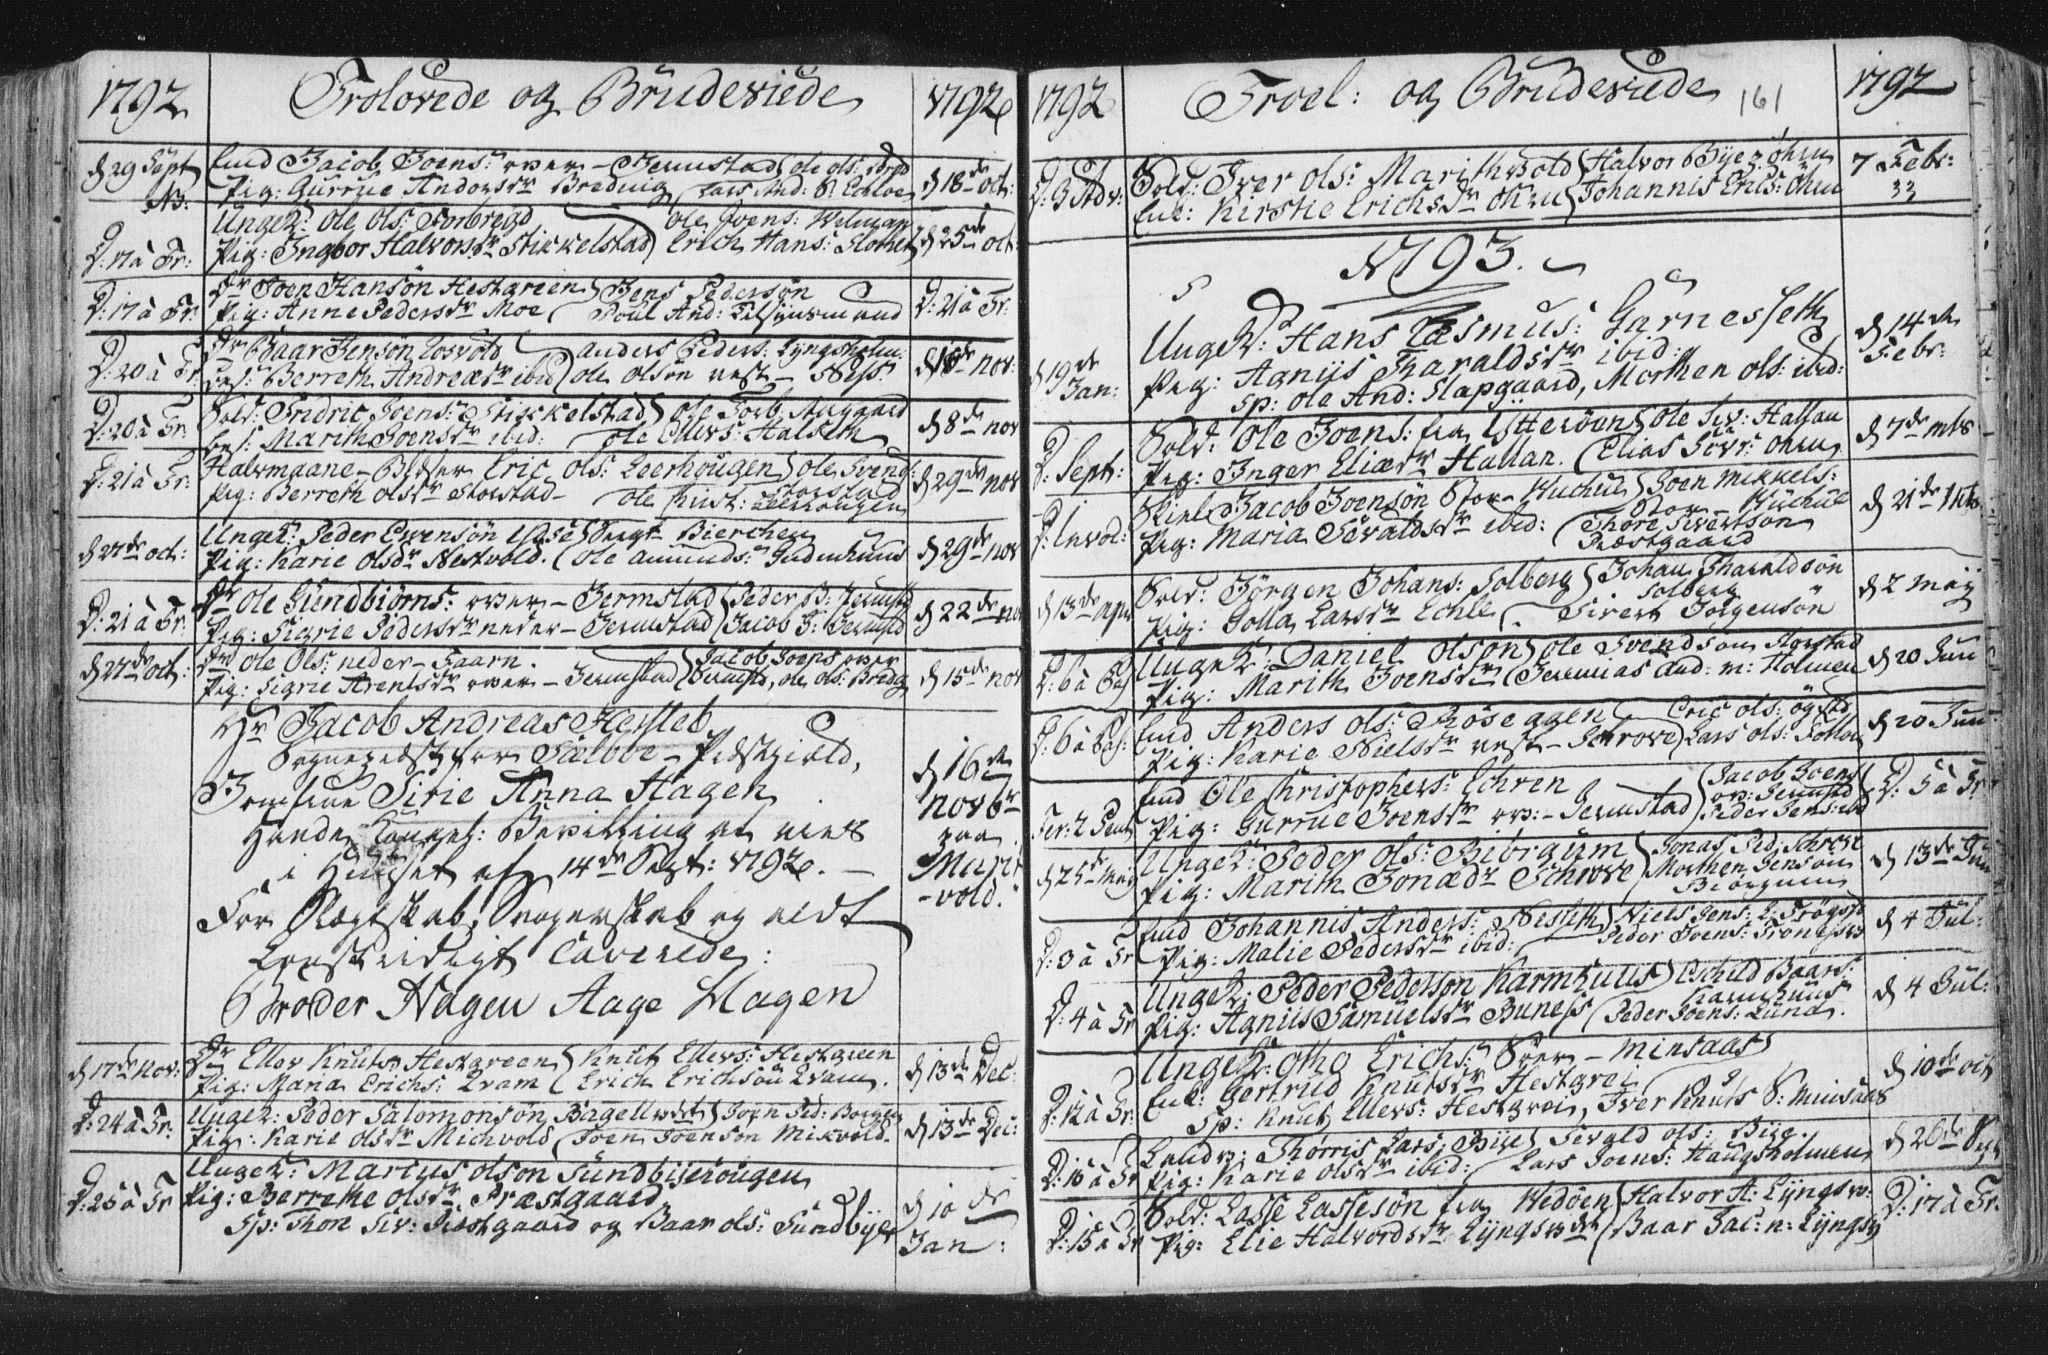 SAT, Ministerialprotokoller, klokkerbøker og fødselsregistre - Nord-Trøndelag, 723/L0232: Ministerialbok nr. 723A03, 1781-1804, s. 161